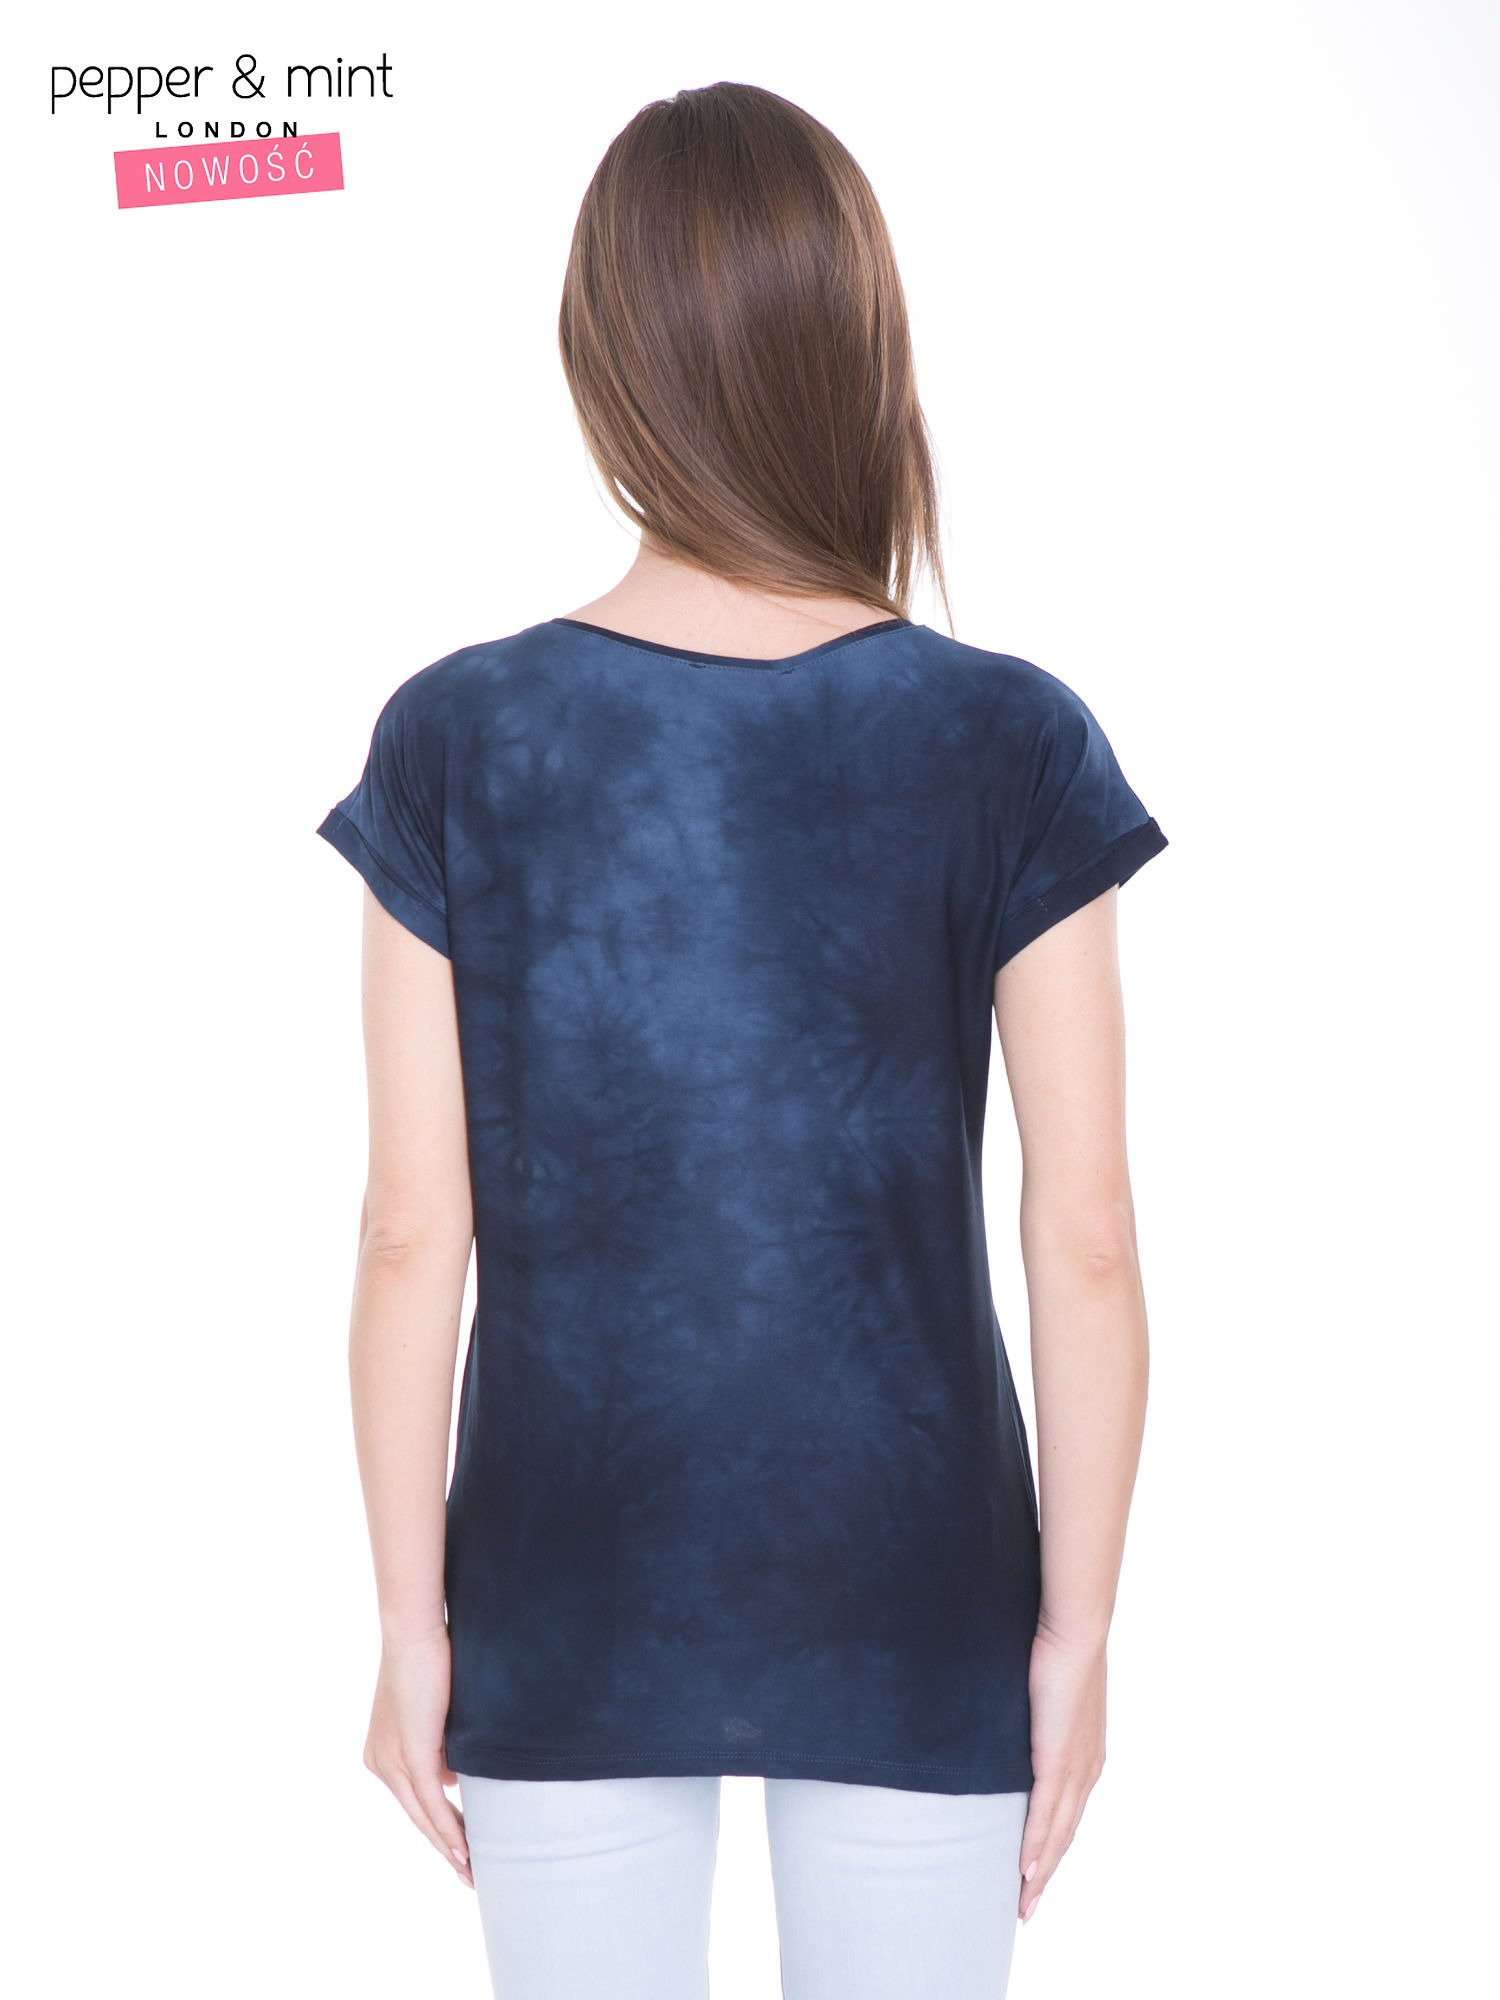 Granatowy t-shirt dekatyzowany z nadrukiem w stylu fashion                                   zdj.                                  4